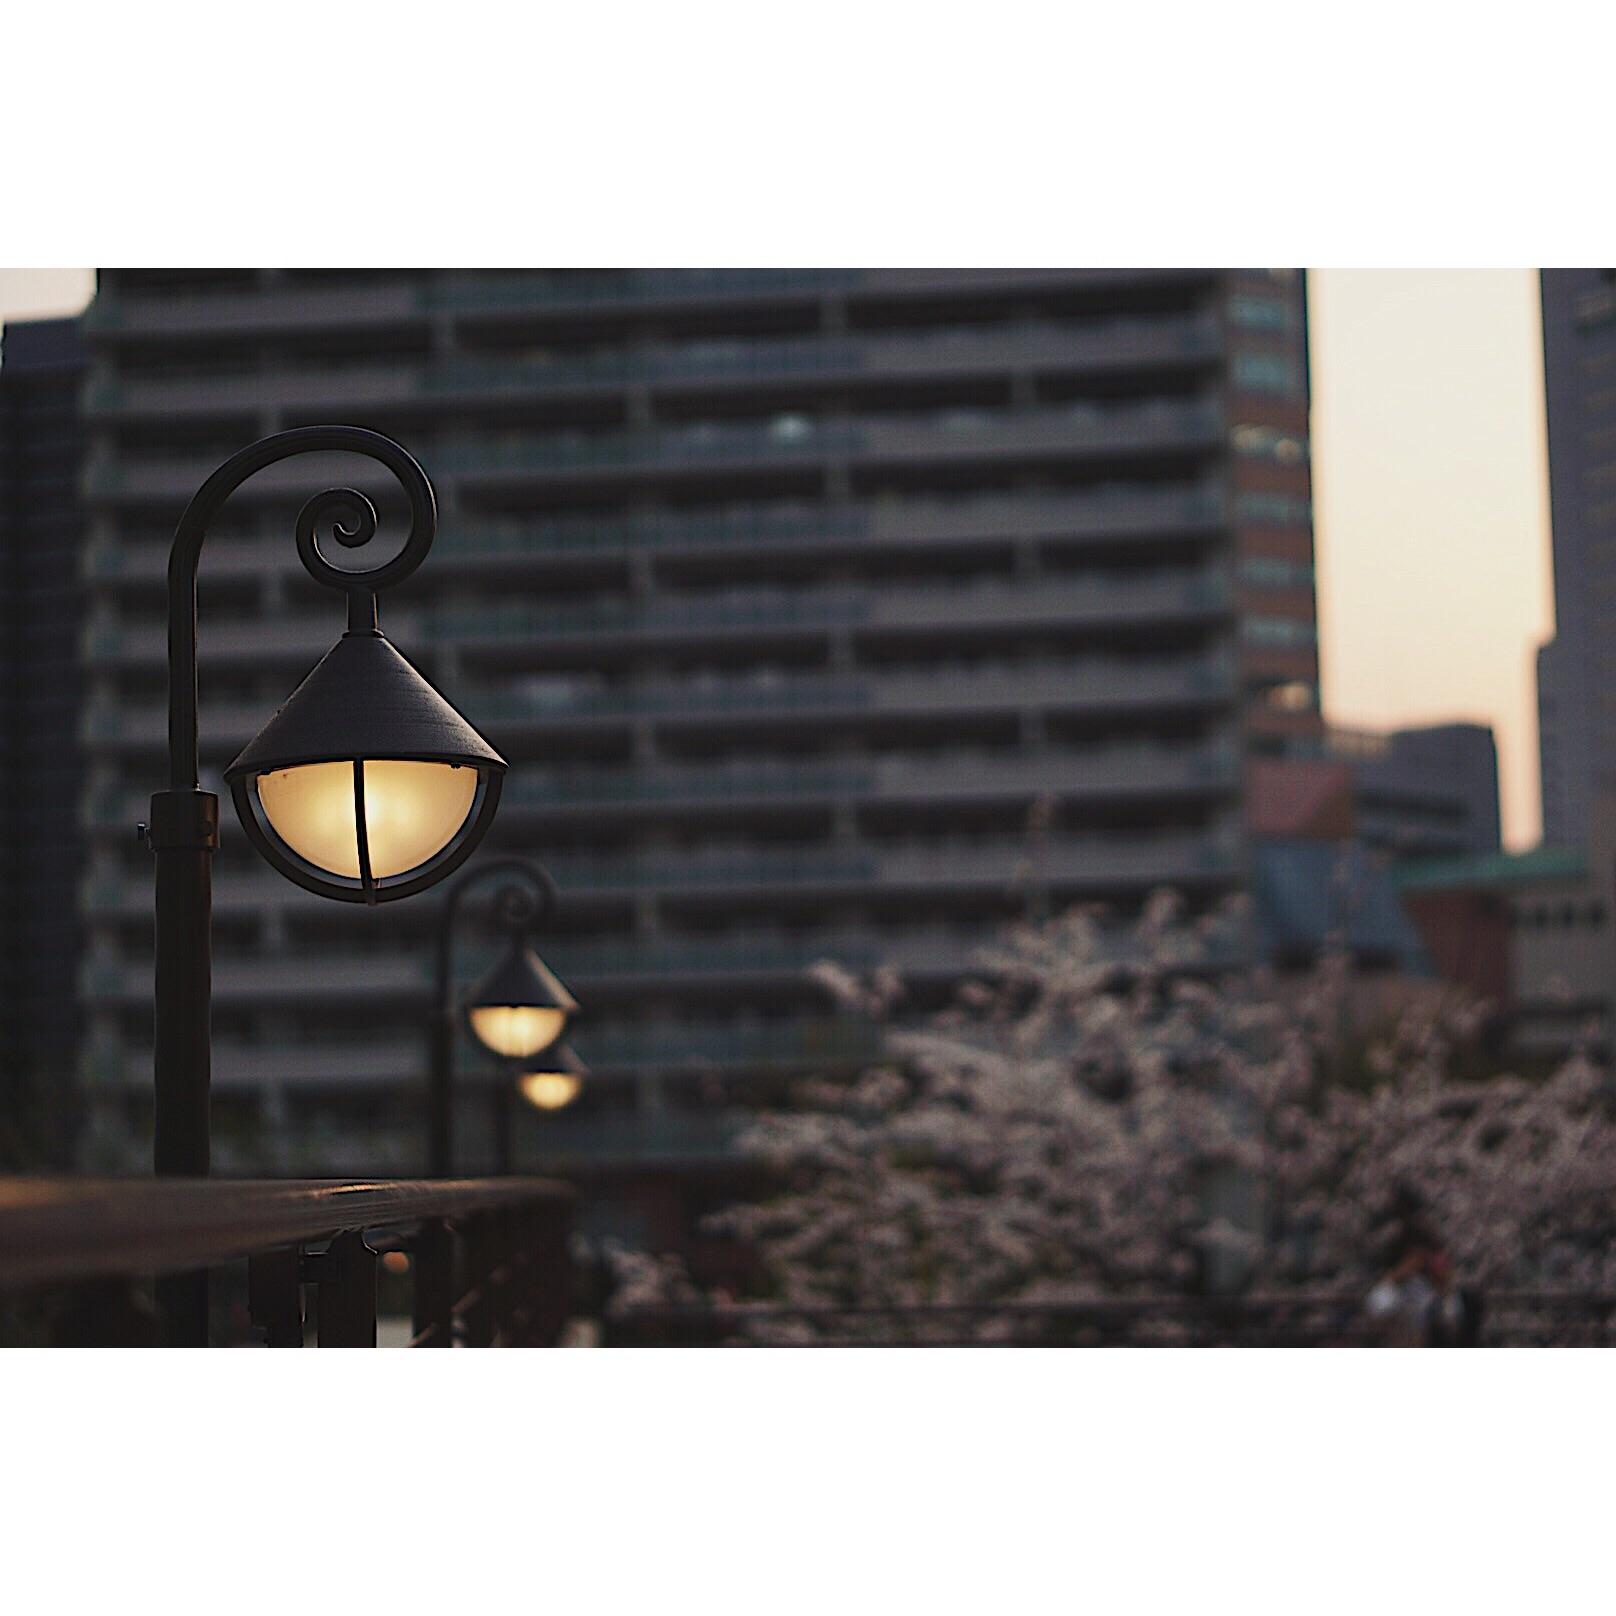 f:id:Yosuke0912:20180329182506j:image